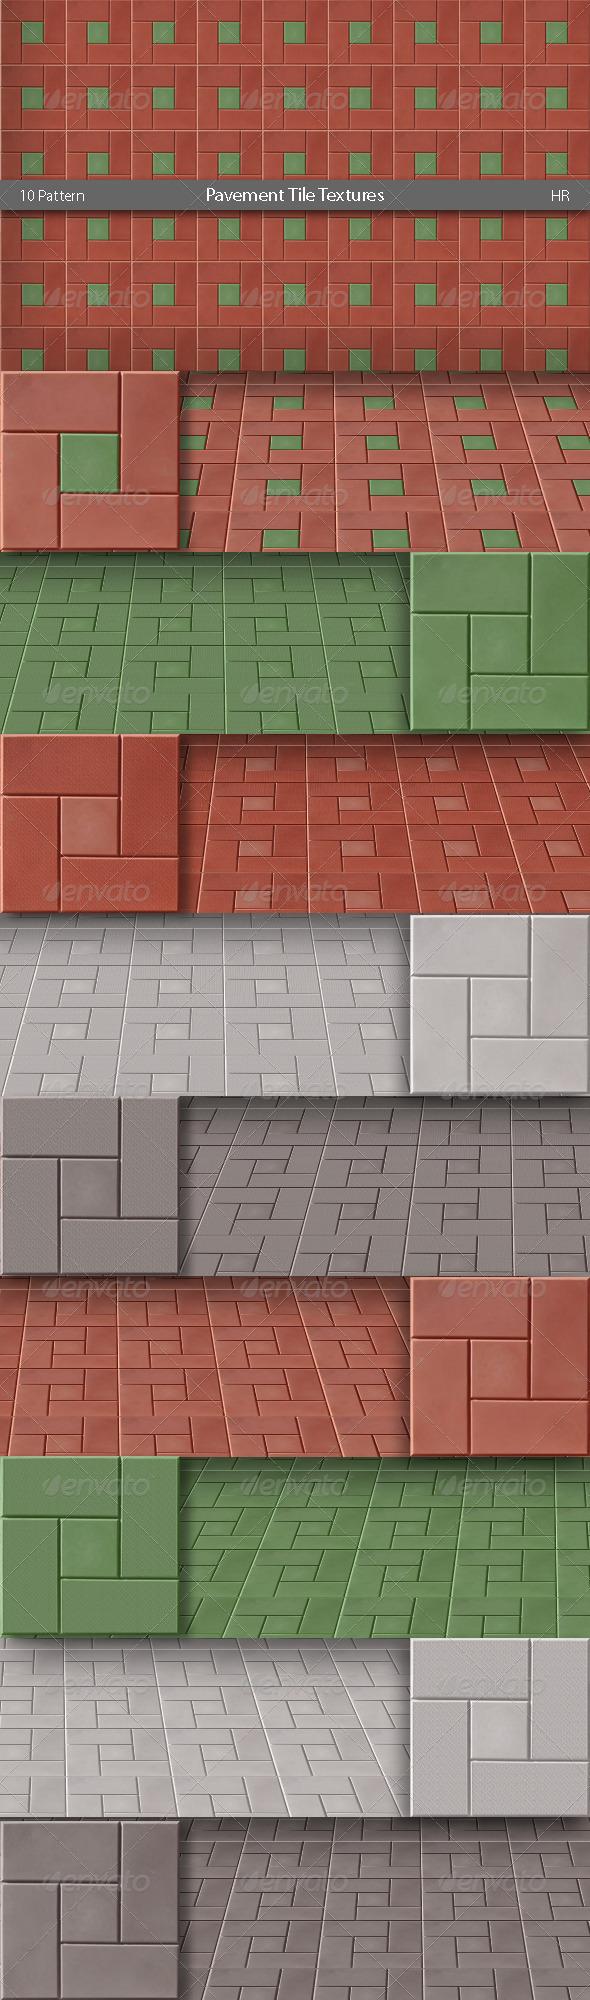 3DOcean Pavement Tile Textures 4948176